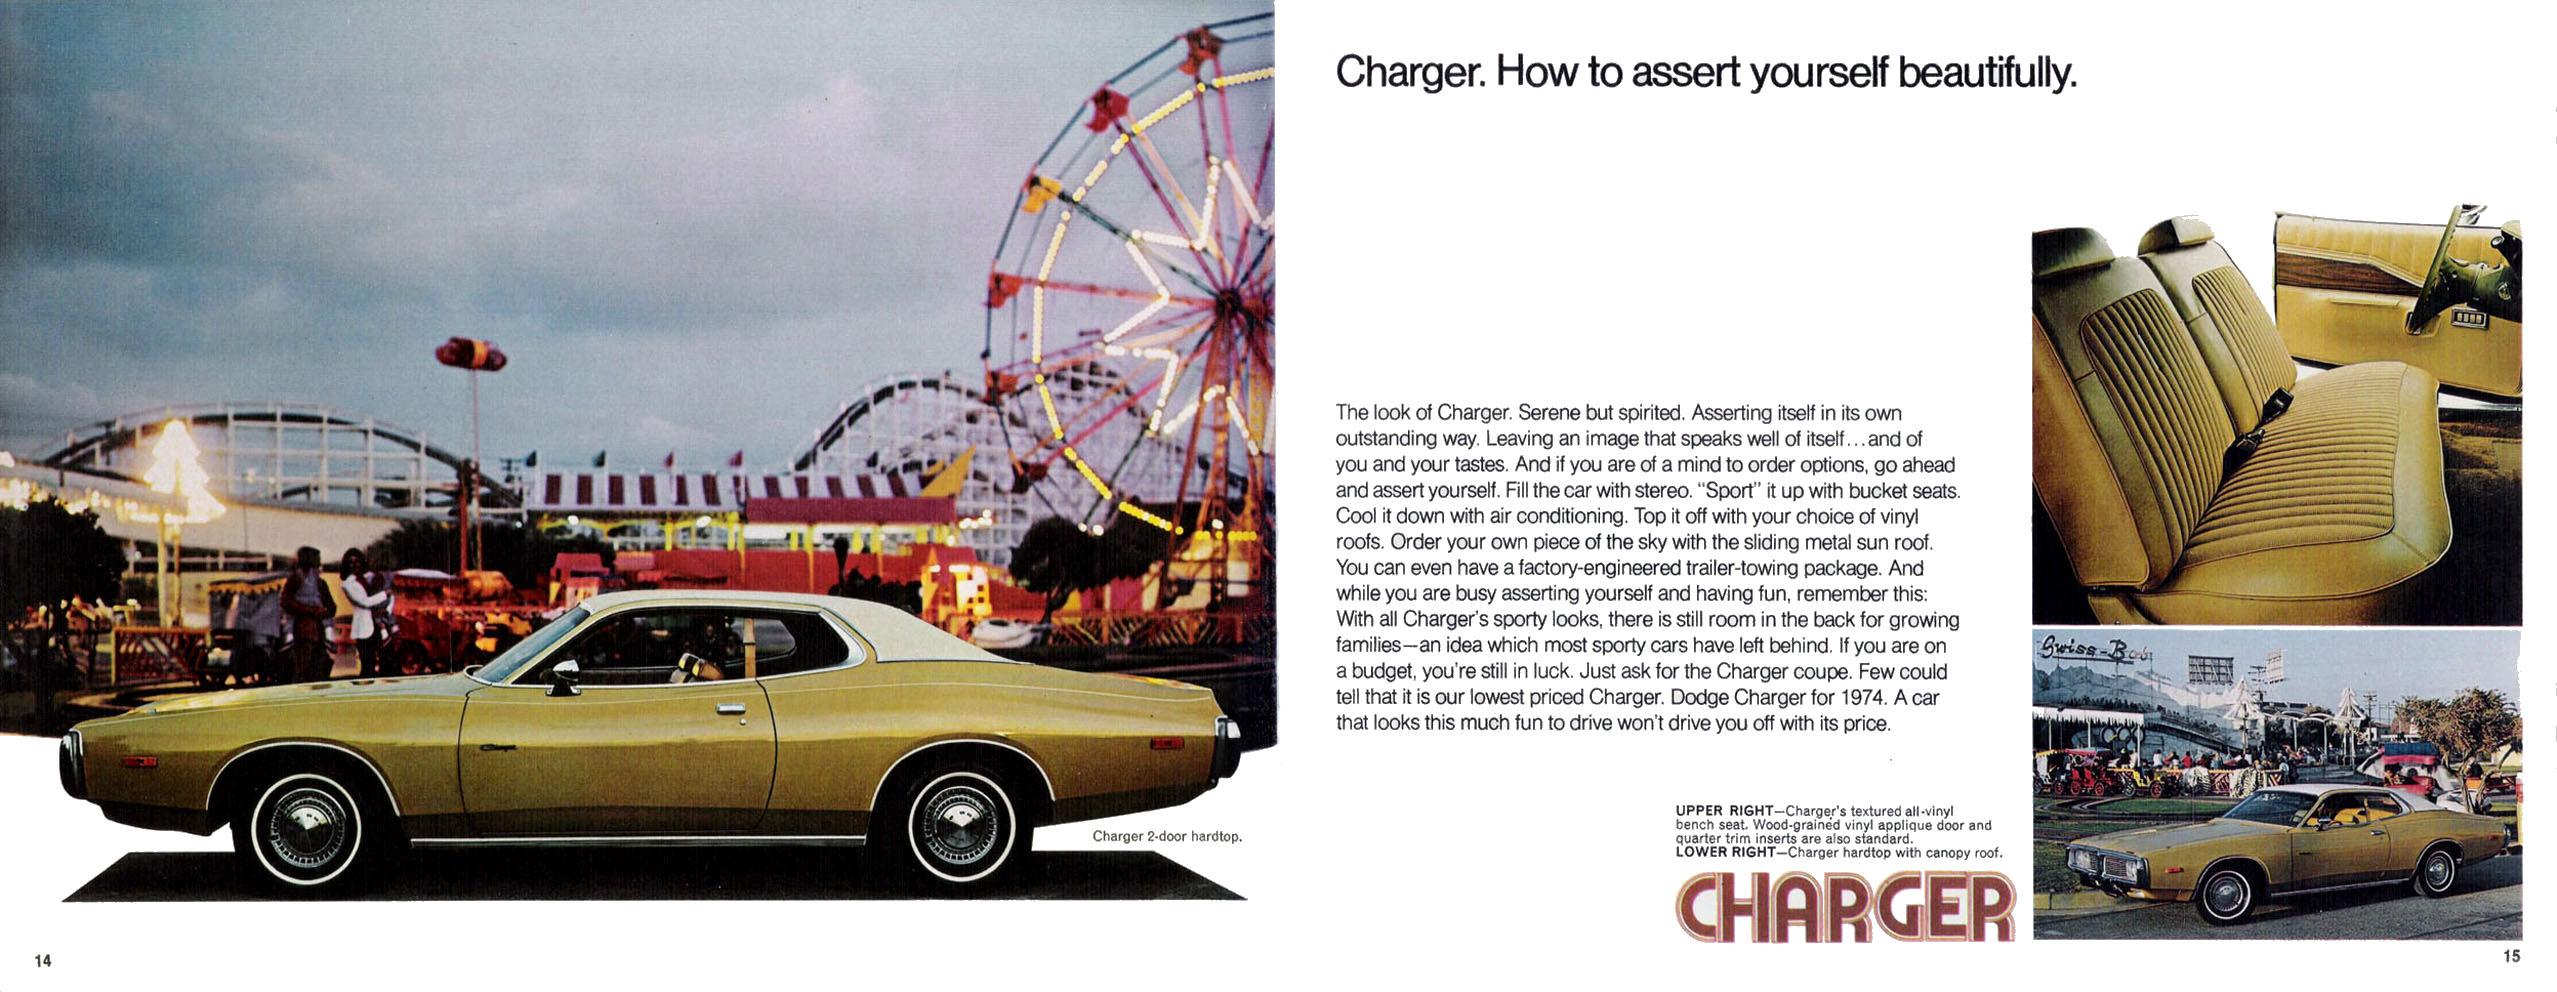 1974 Dodge brochure